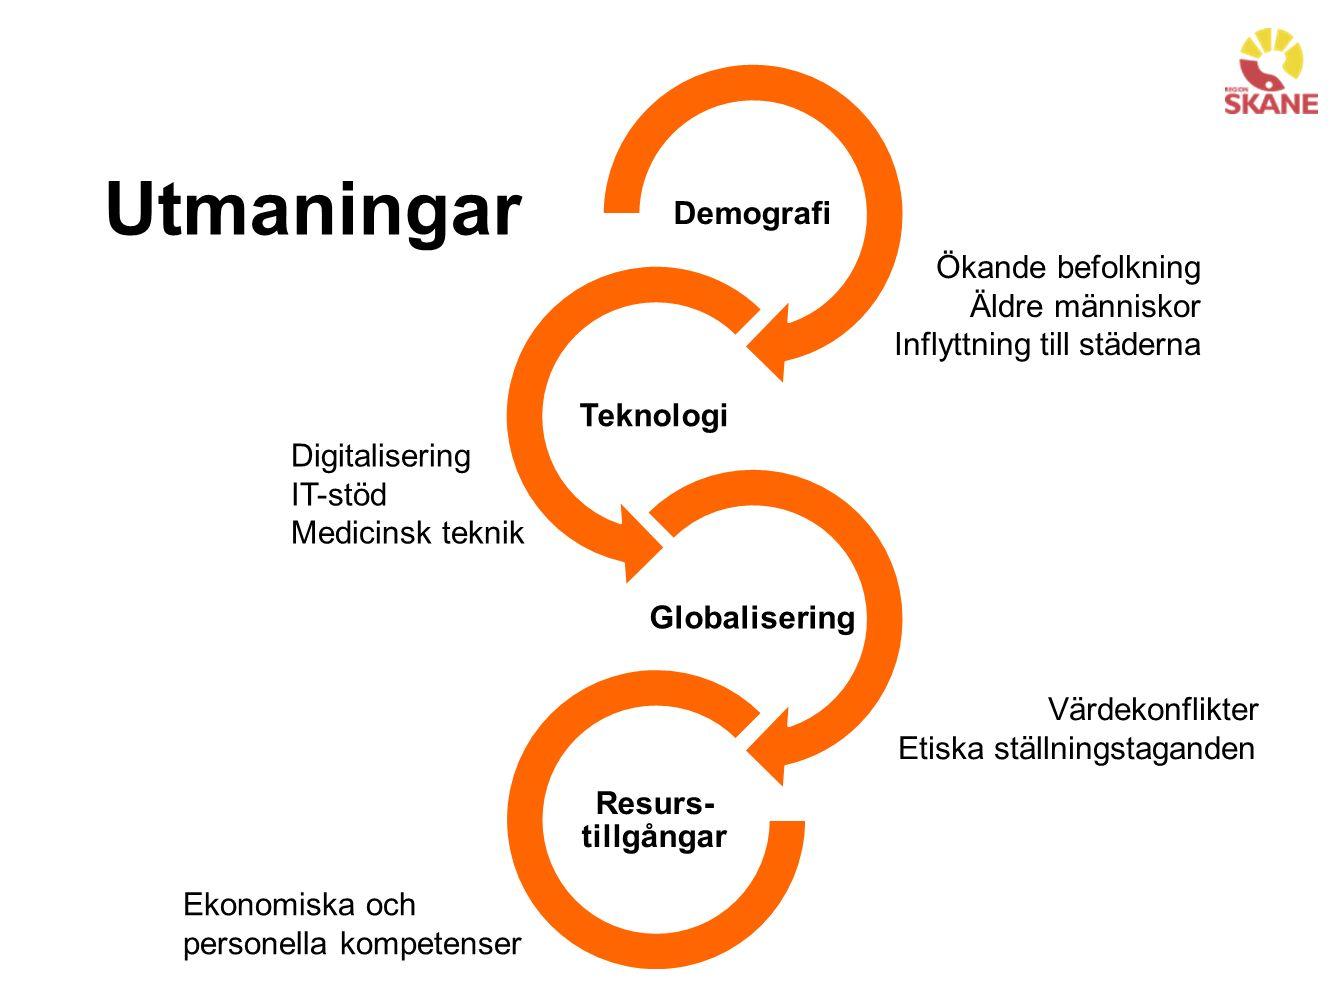 Demografi Teknologi Globalisering Resurs- tillgångar Ökande befolkning Äldre människor Inflyttning till städerna Digitalisering IT-stöd Medicinsk teknik Värdekonflikter Etiska ställningstaganden Ekonomiska och personella kompetenser Utmaningar